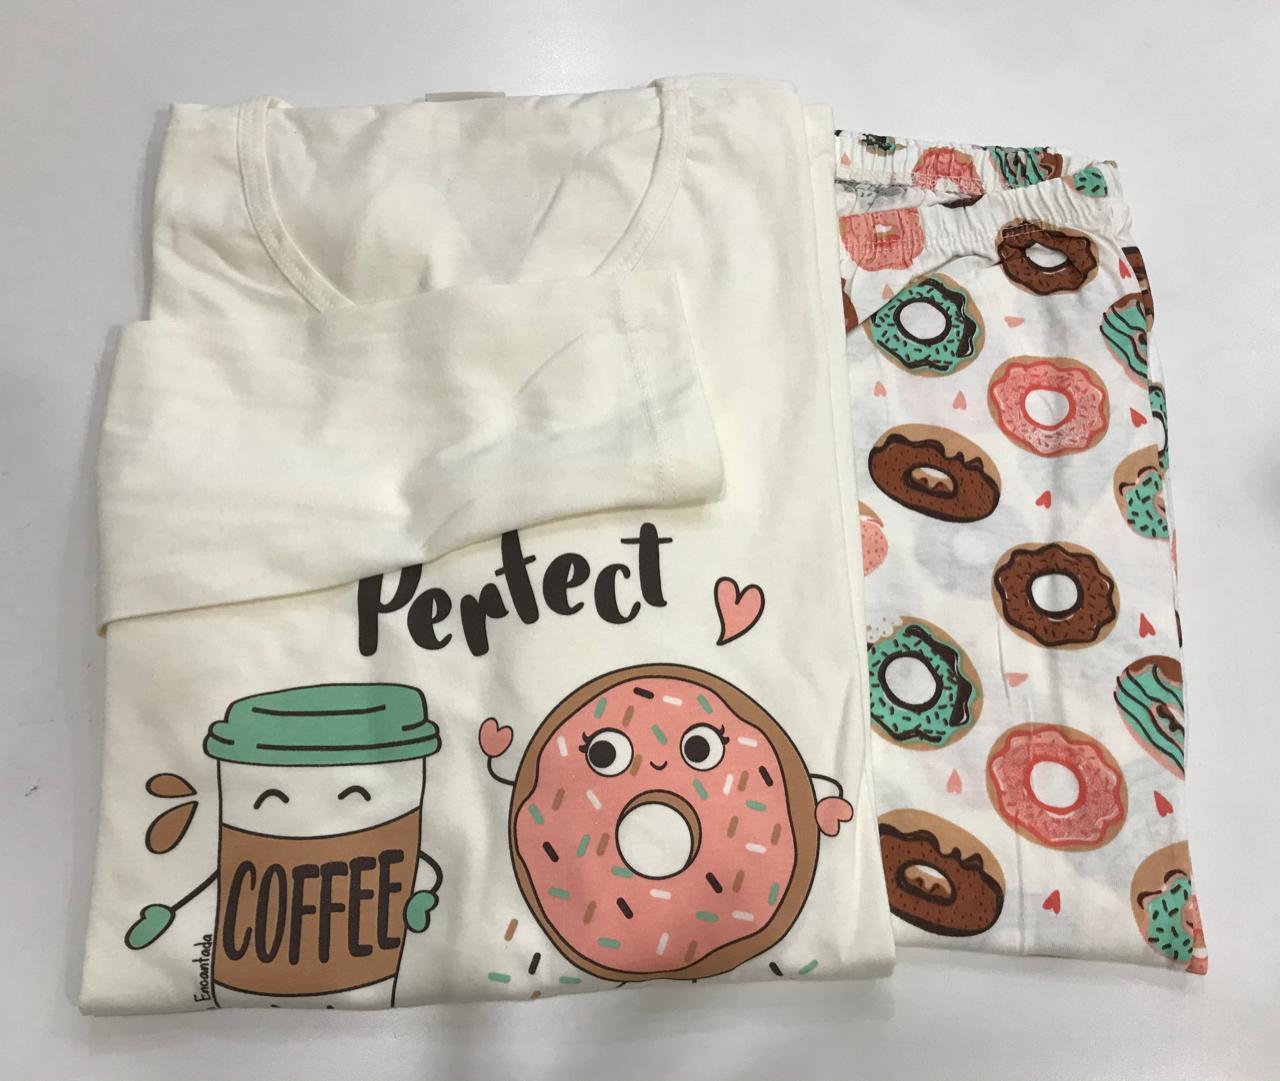 Pijama Feminino Adulto Lua Encantada Manga Longa com  Calça Perfect donuts  333 em 100% algodão